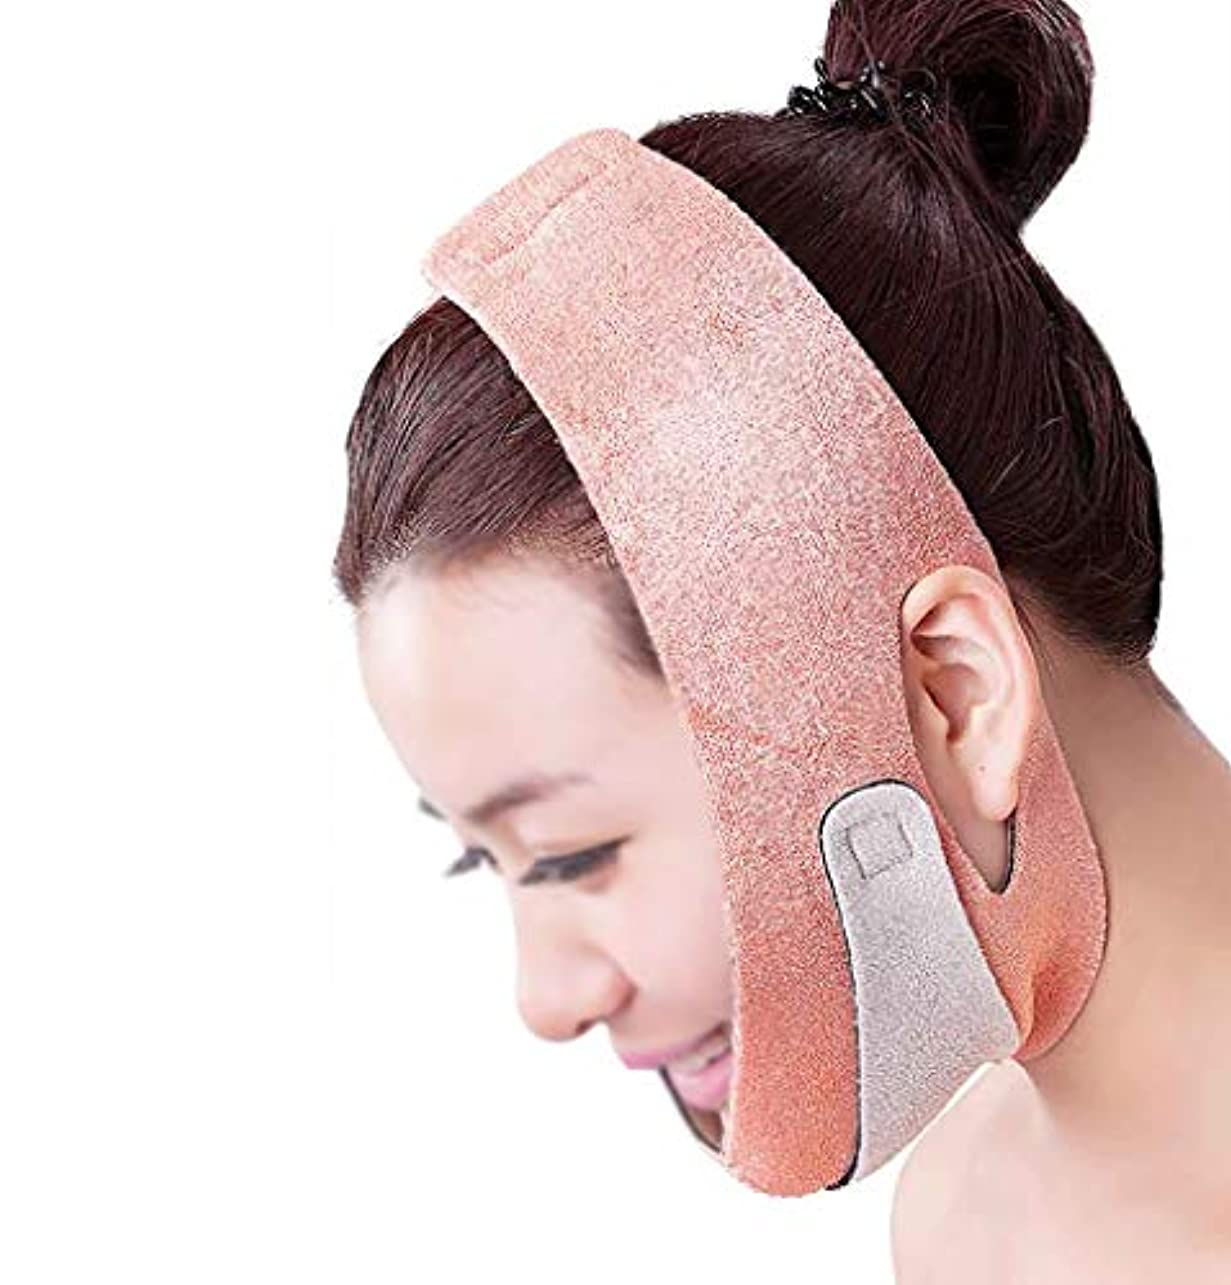 教室クール繊細GLJJQMY 痩身ベルトマスク3 D薄い顔の顔のアーティファクト小さな顔包帯リフティングVマスクを引き締め 顔用整形マスク (Color : A)